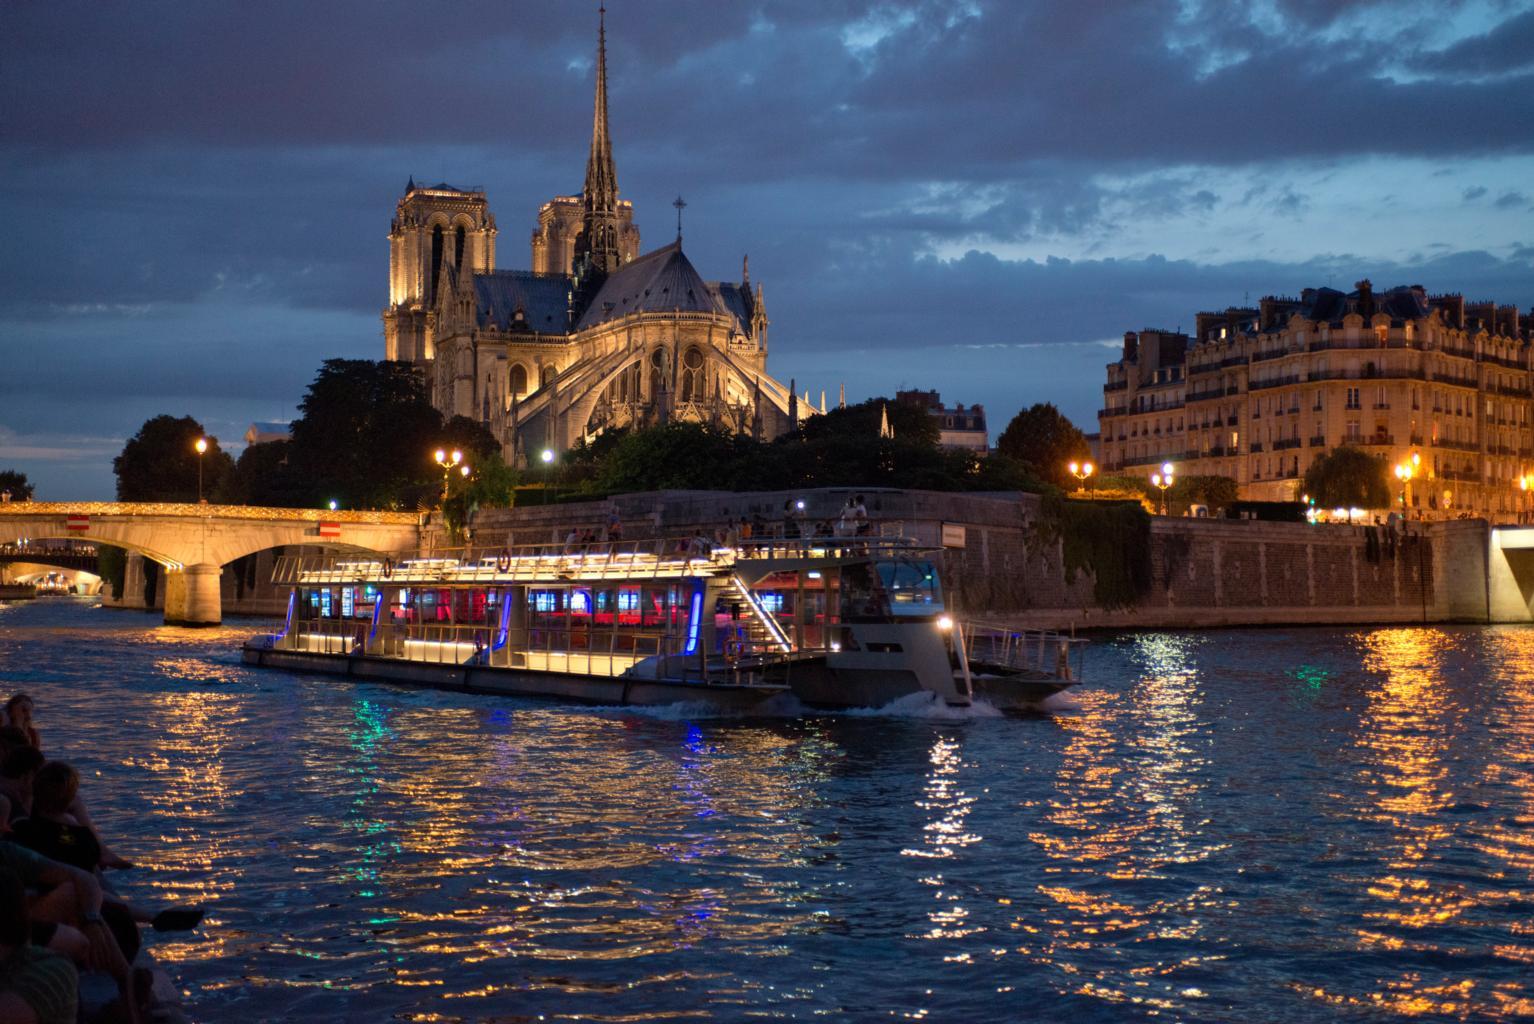 Bateaux parisiens carte jeunes europ enne - Bateaux parisiens port de la bourdonnais horaires ...